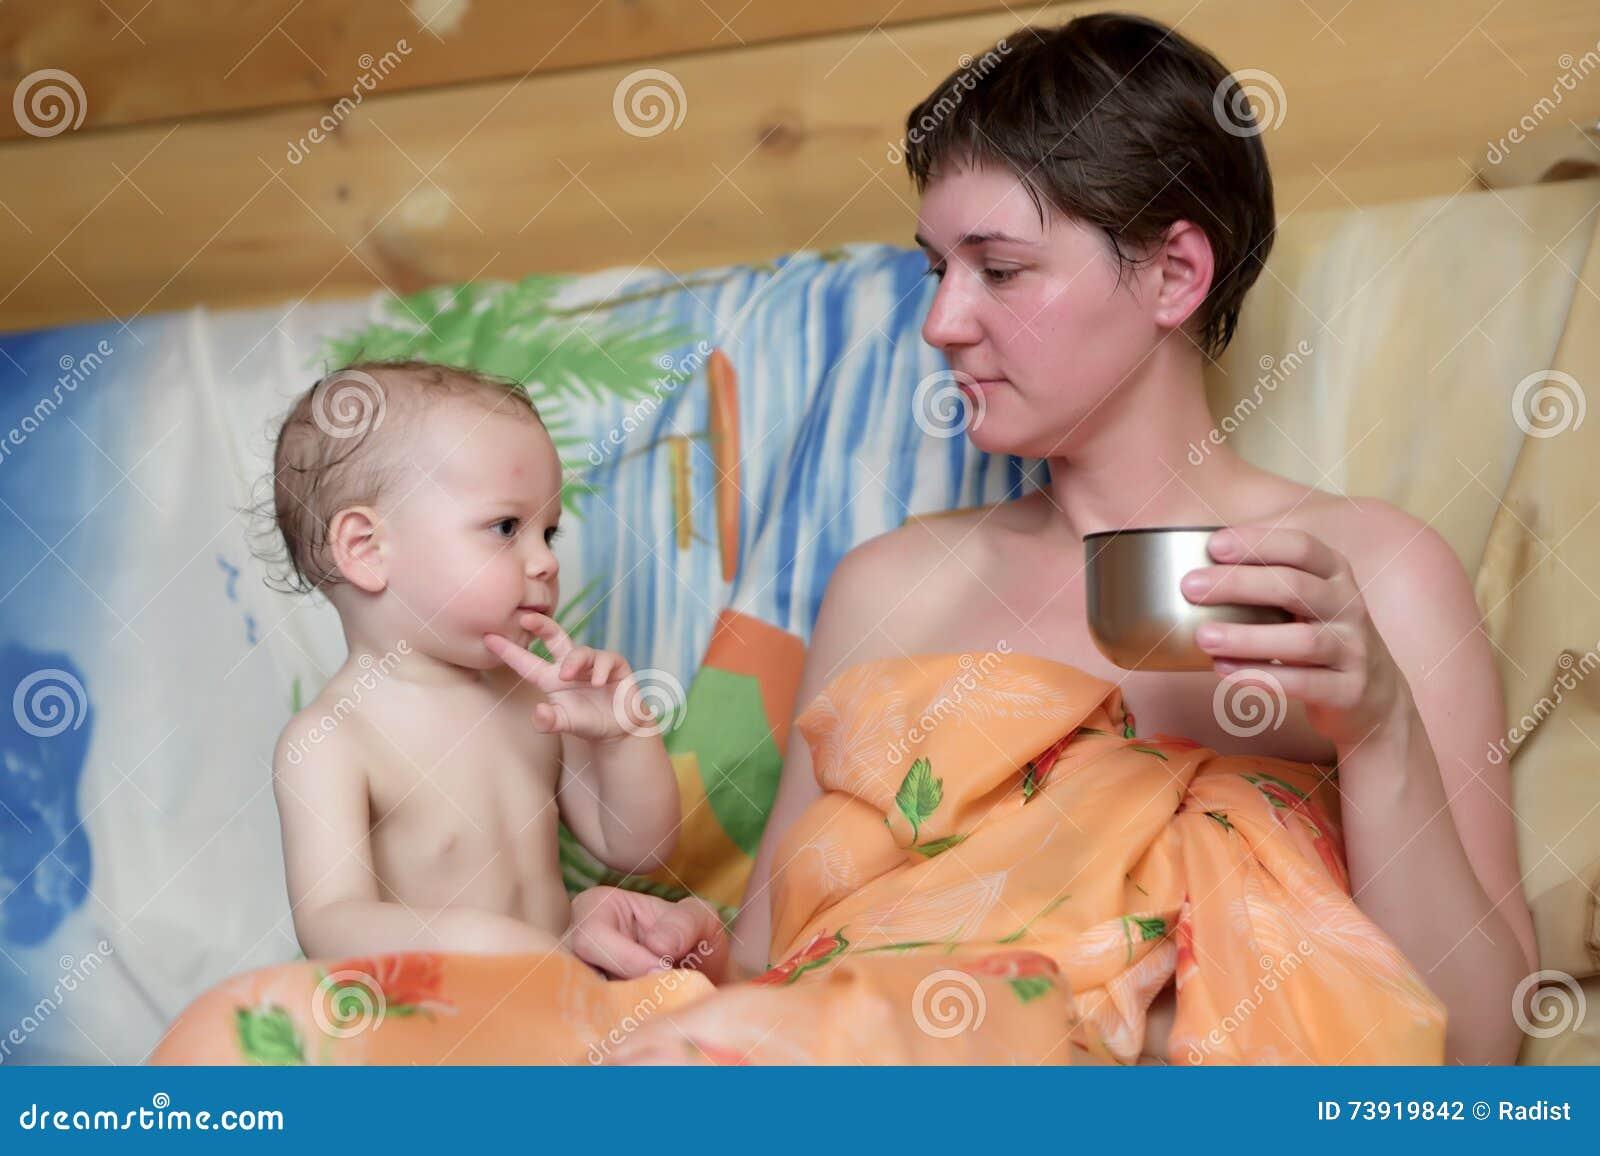 Фото ню сын с мамой в бане, Мамка с роскошным телом парится в бане - порно фото 28 фотография